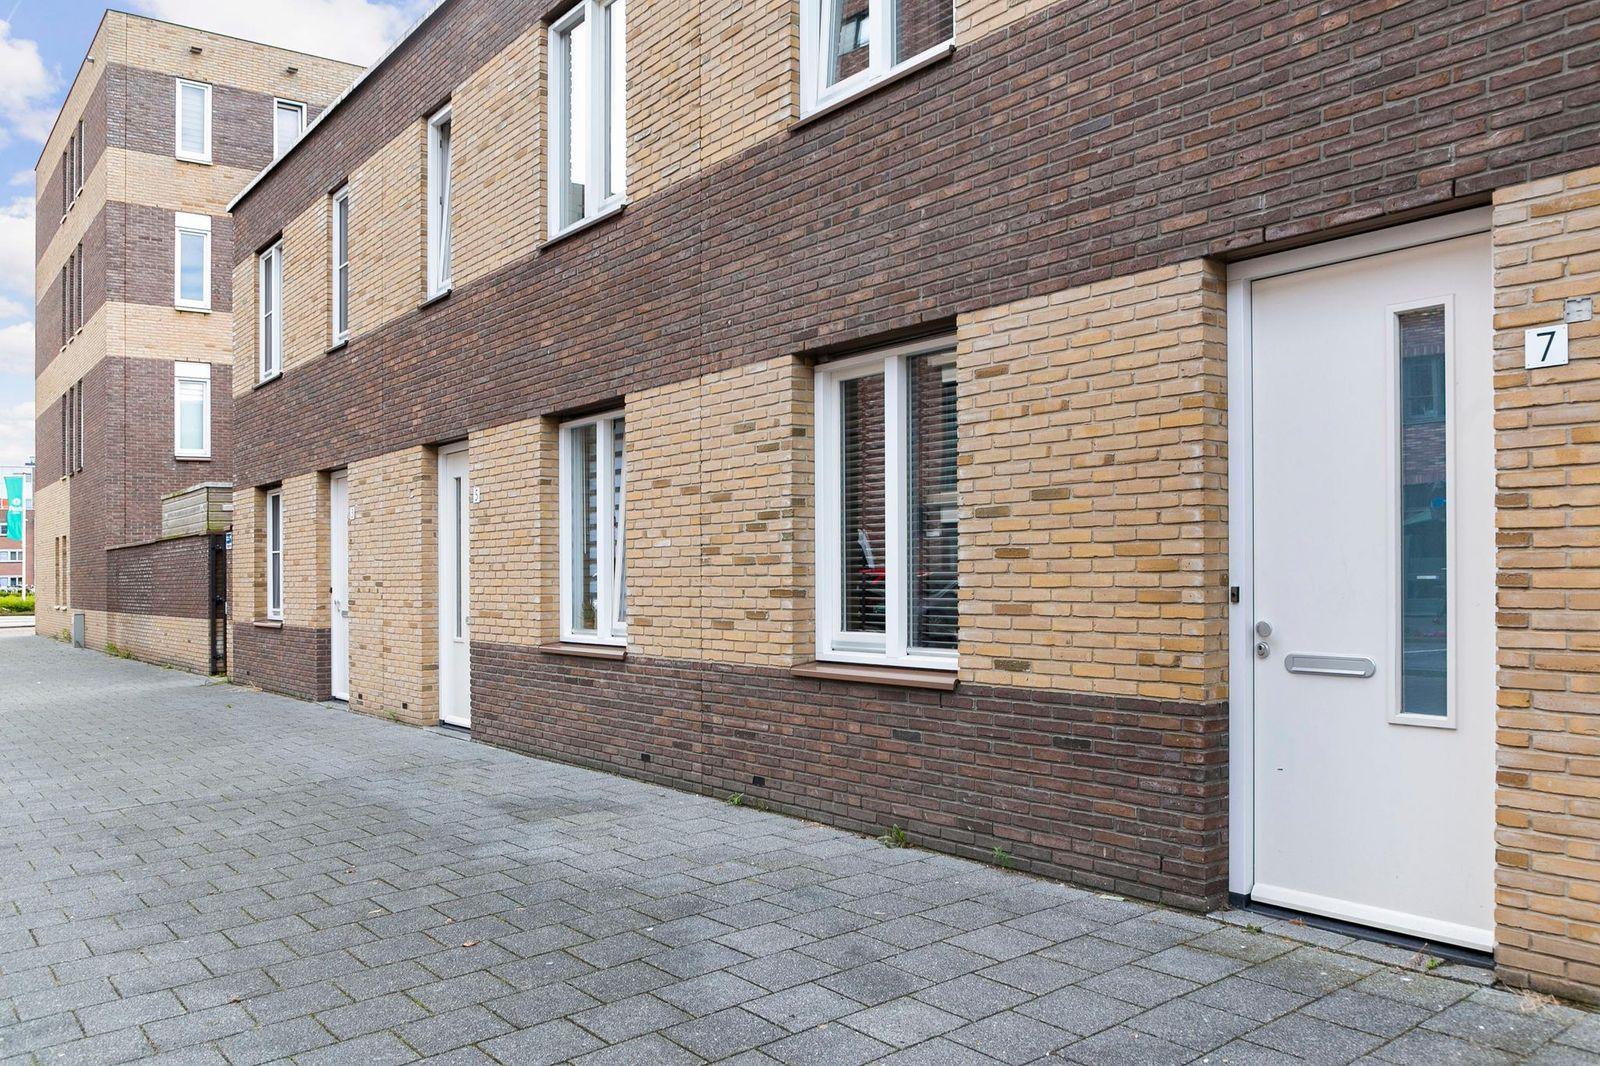 Crabschuytstraat 7, Amsterdam